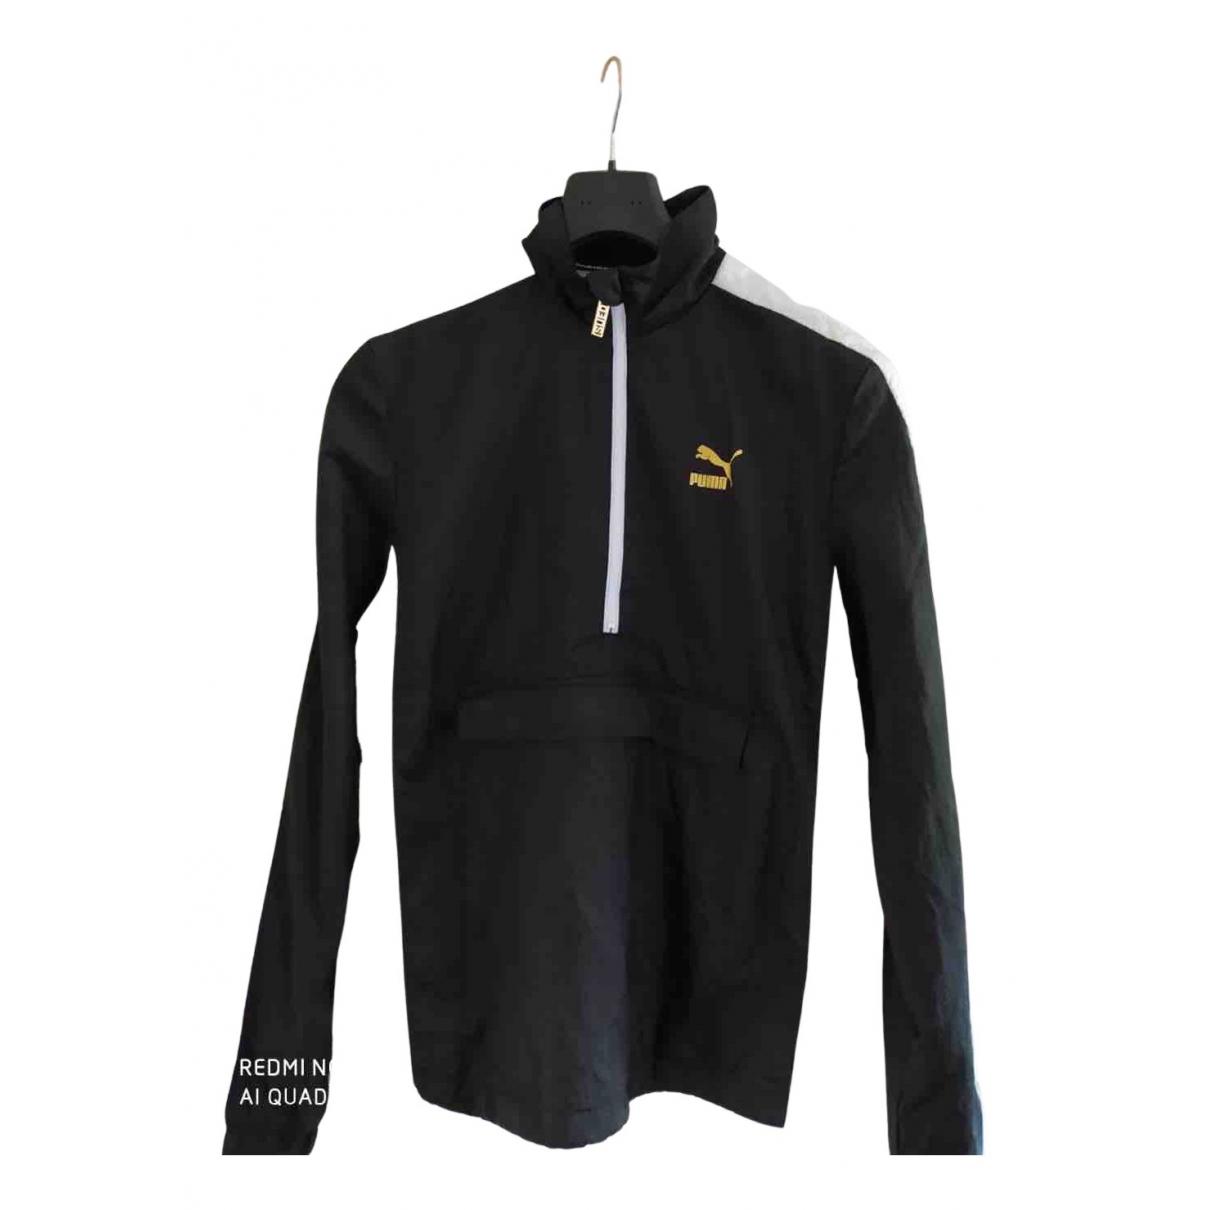 Puma \N Jacke in  Schwarz Polyester